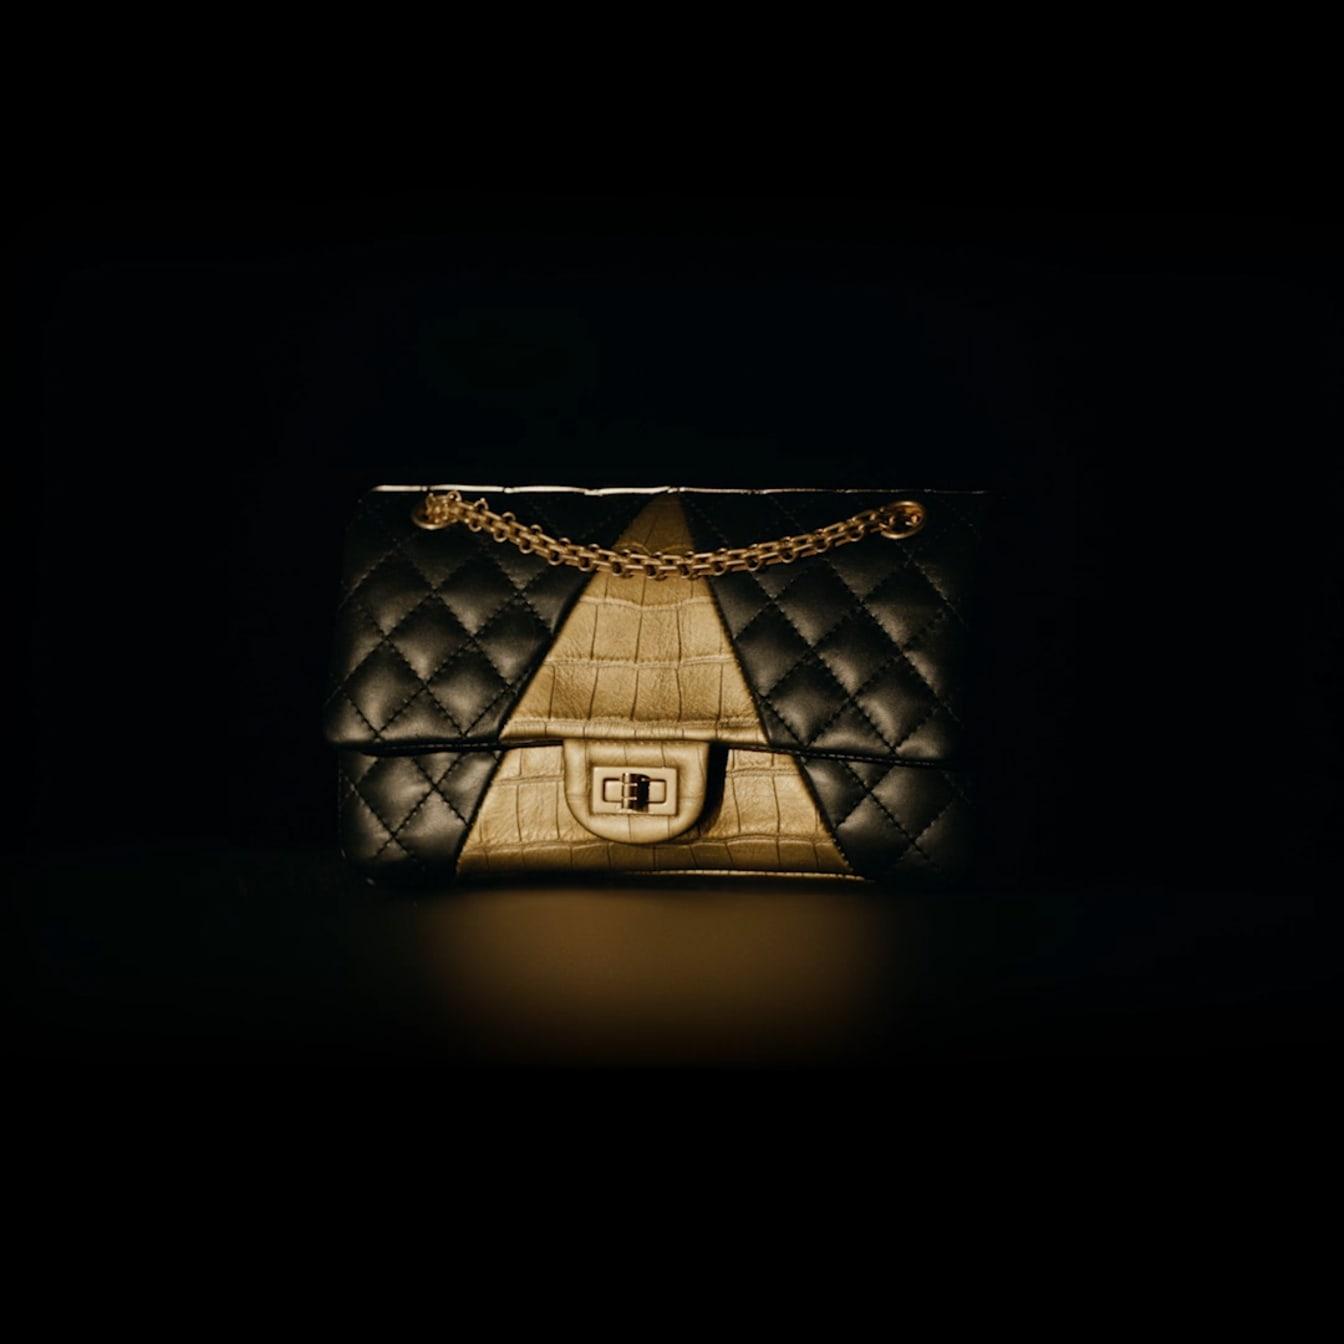 CHANEL Métiers d'Art Paris New York sac classique revisité Esprit de Gabrielle espritdegabrielle.com